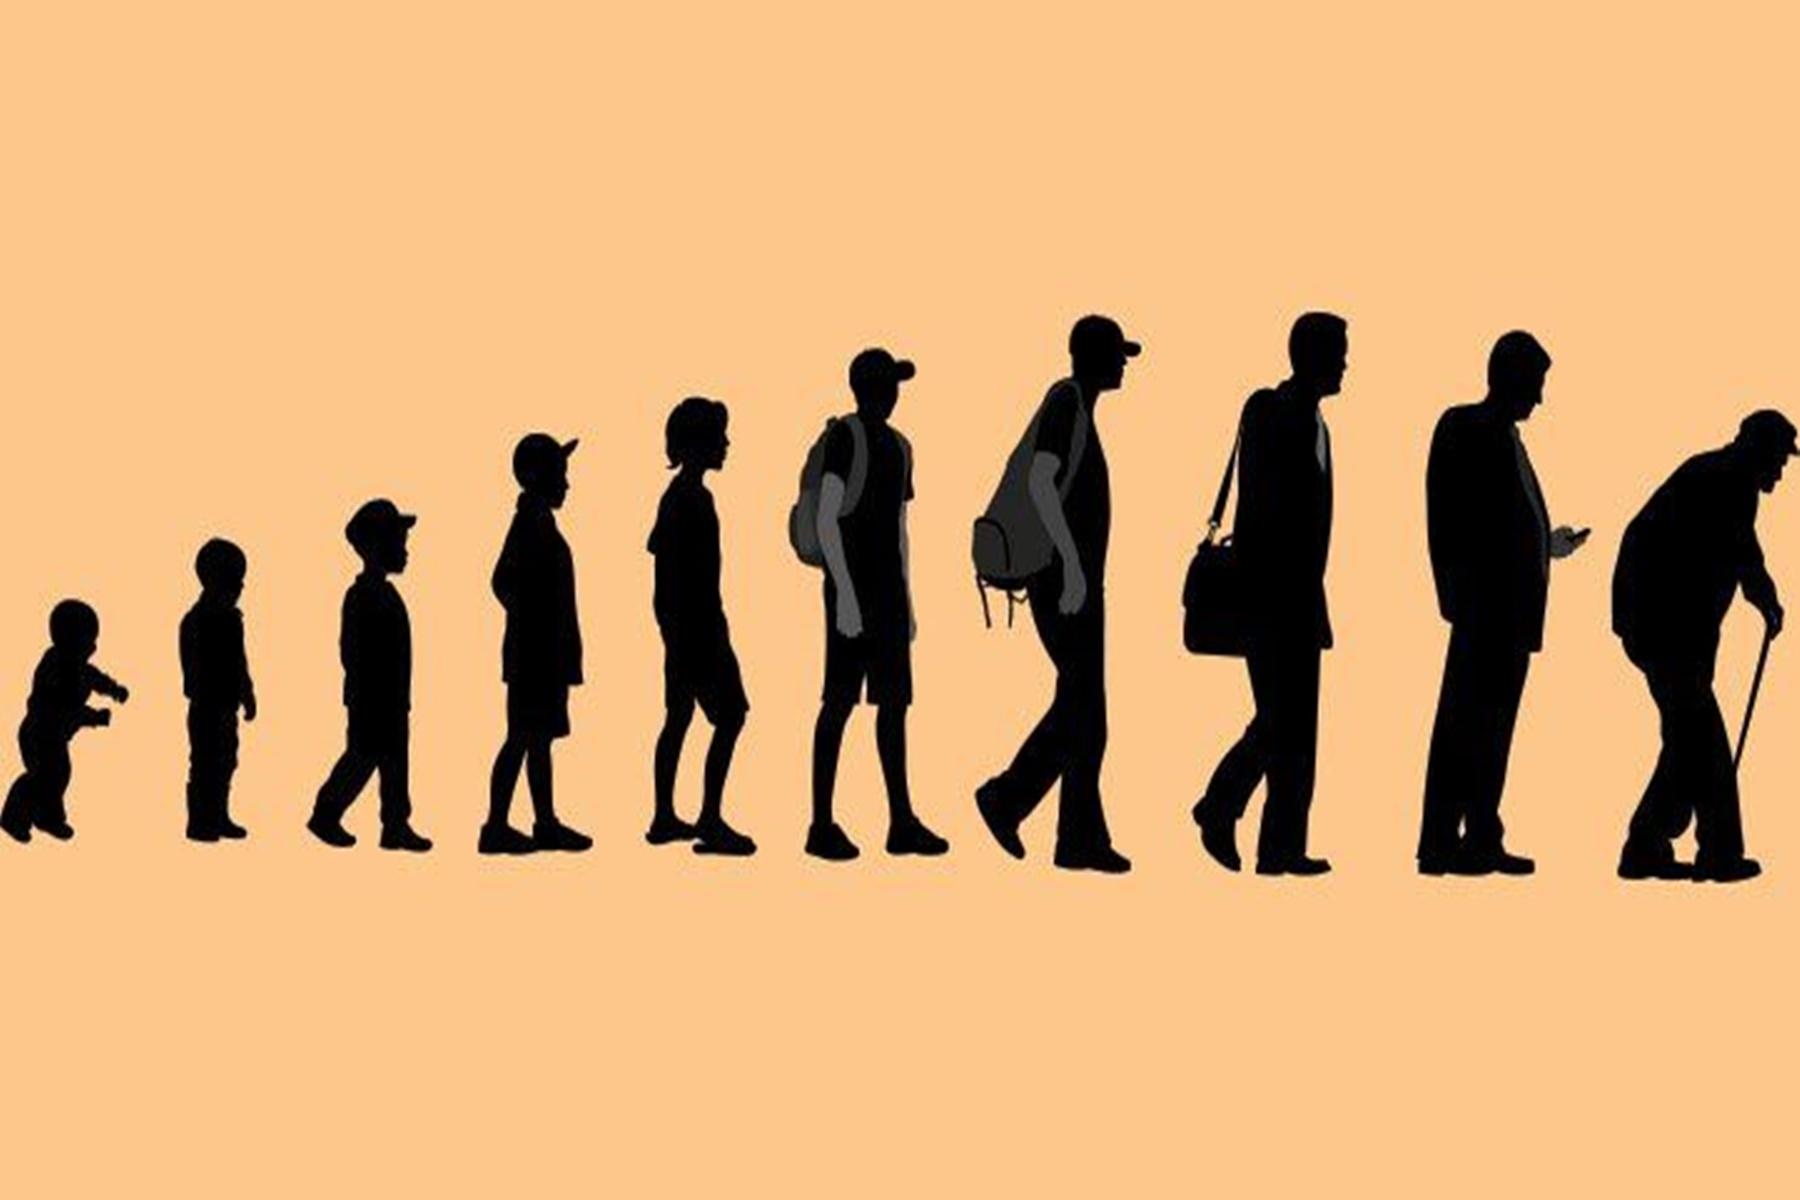 Προσδόκιμο ζωής ανθρωπότητα : Έτσι διαμορφώθηκε η ζωή τους δύο τελευταίους αιώνες